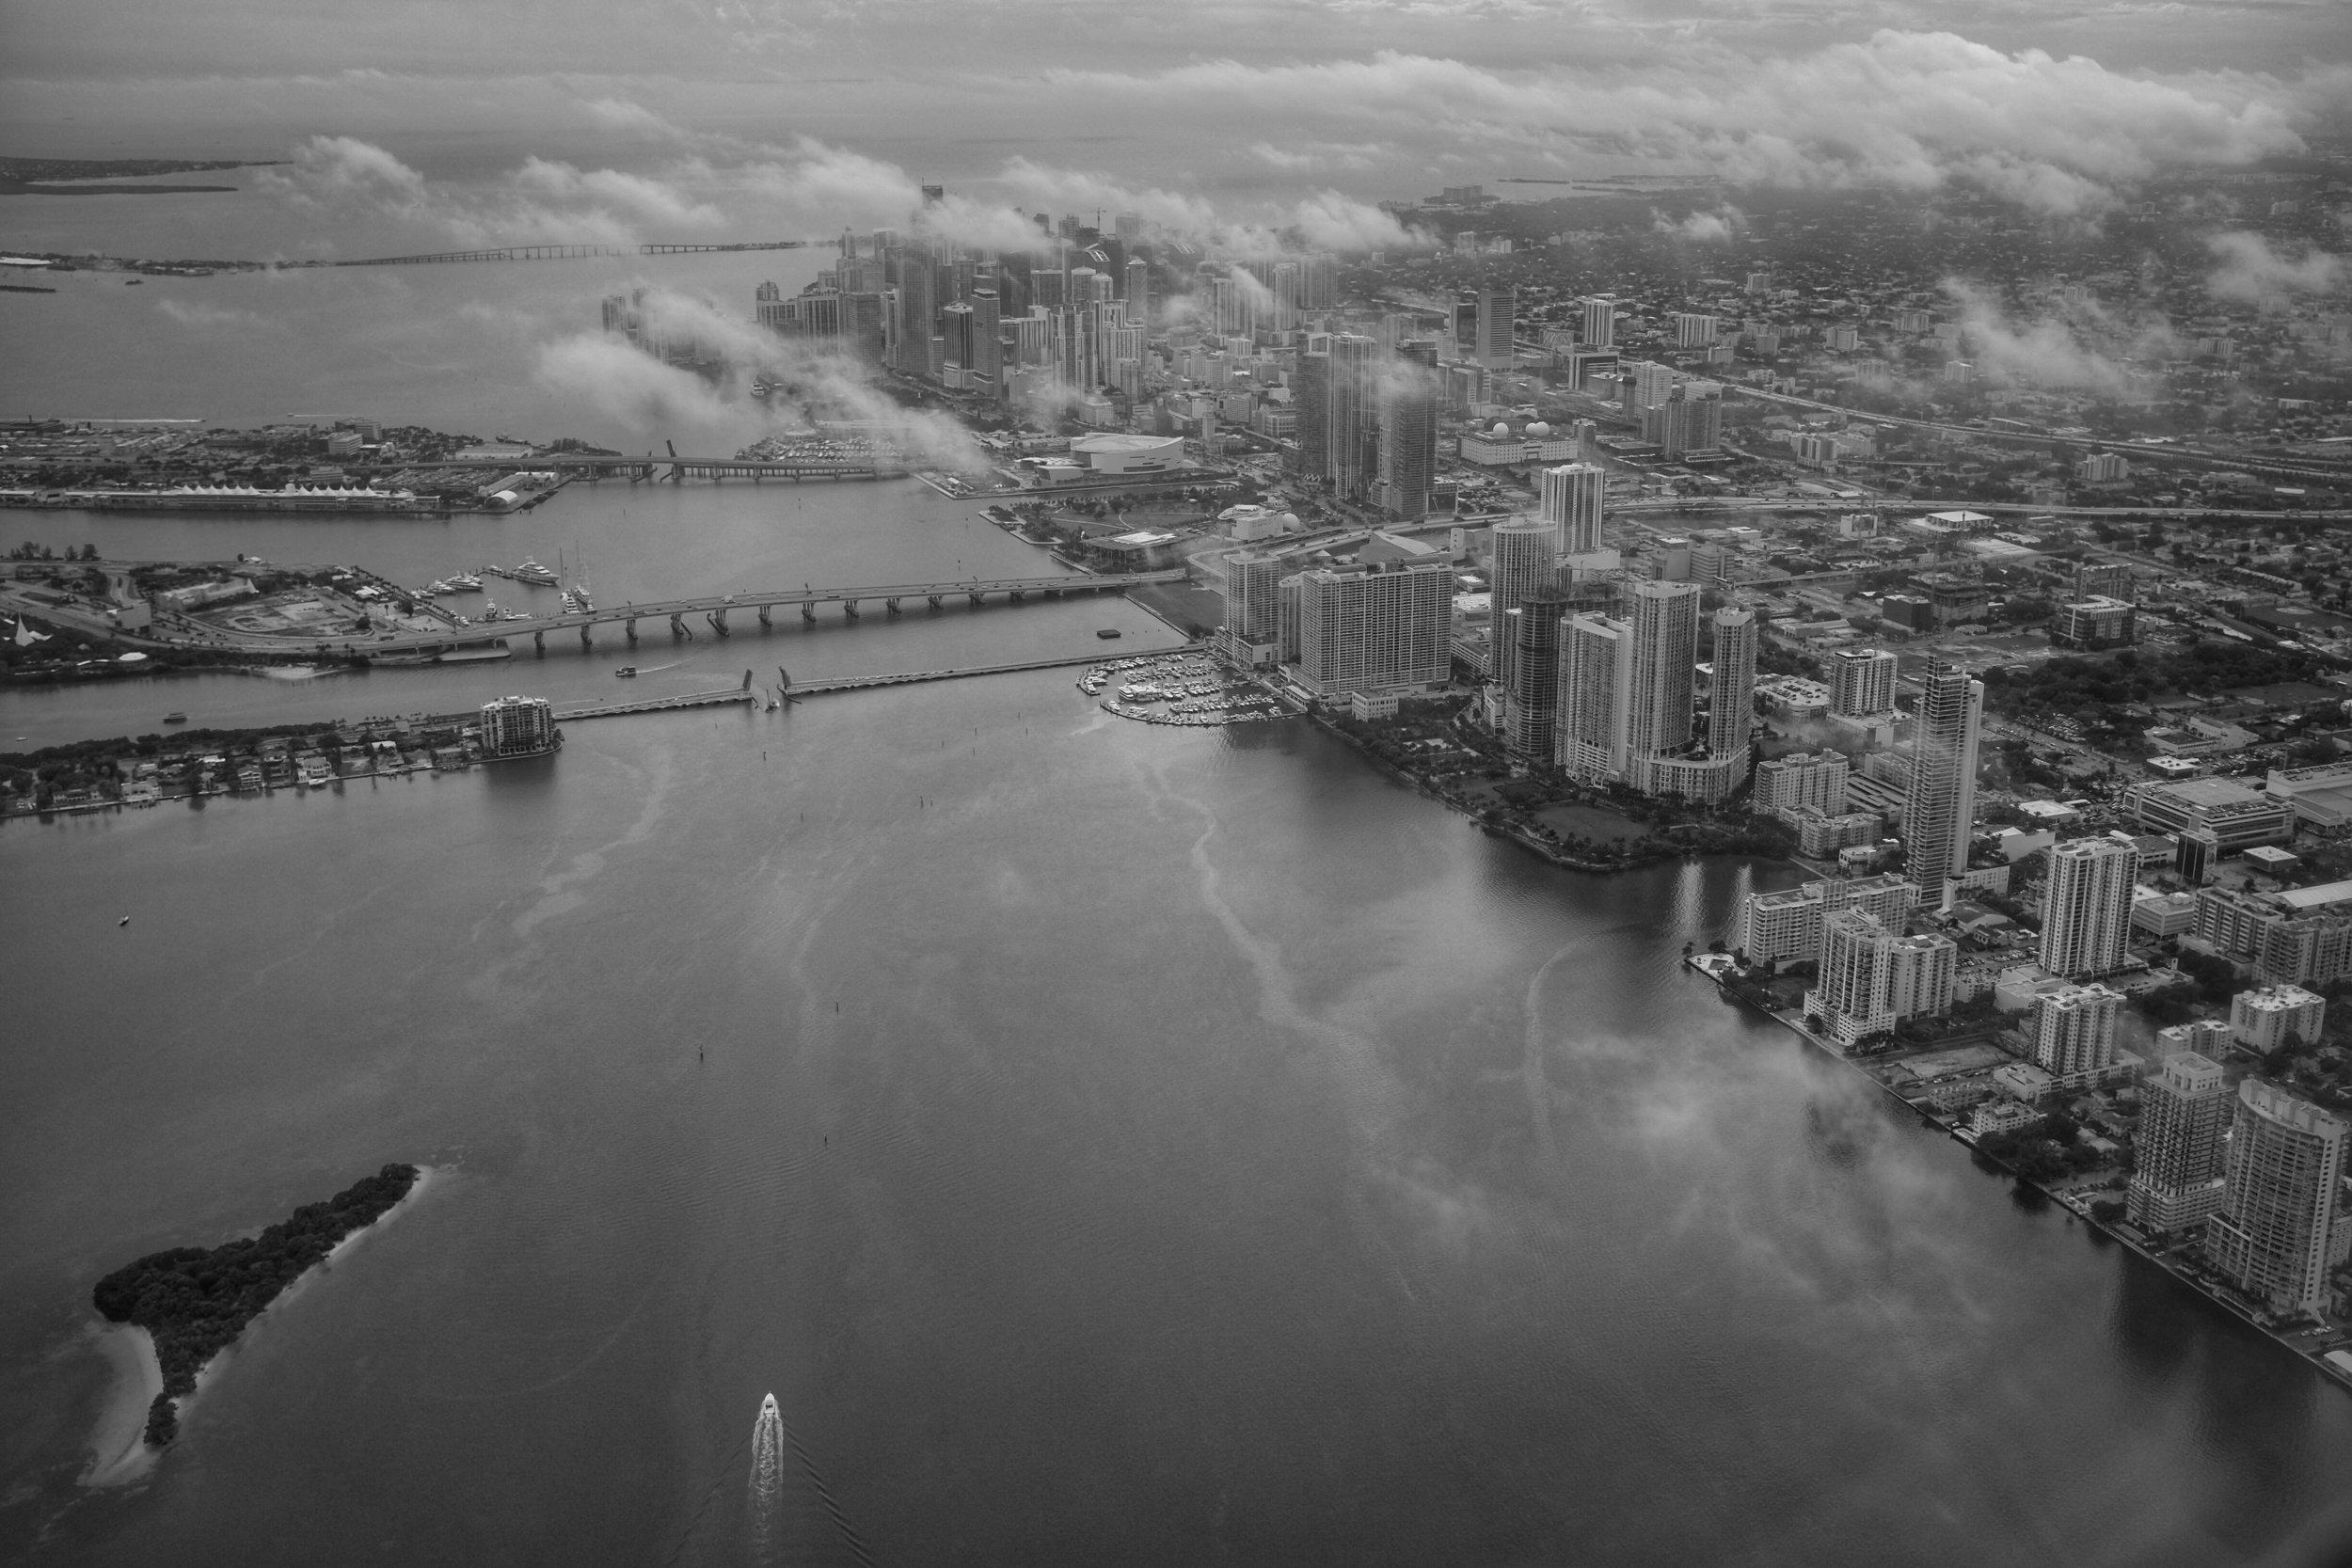 Miami. Florida. 2016